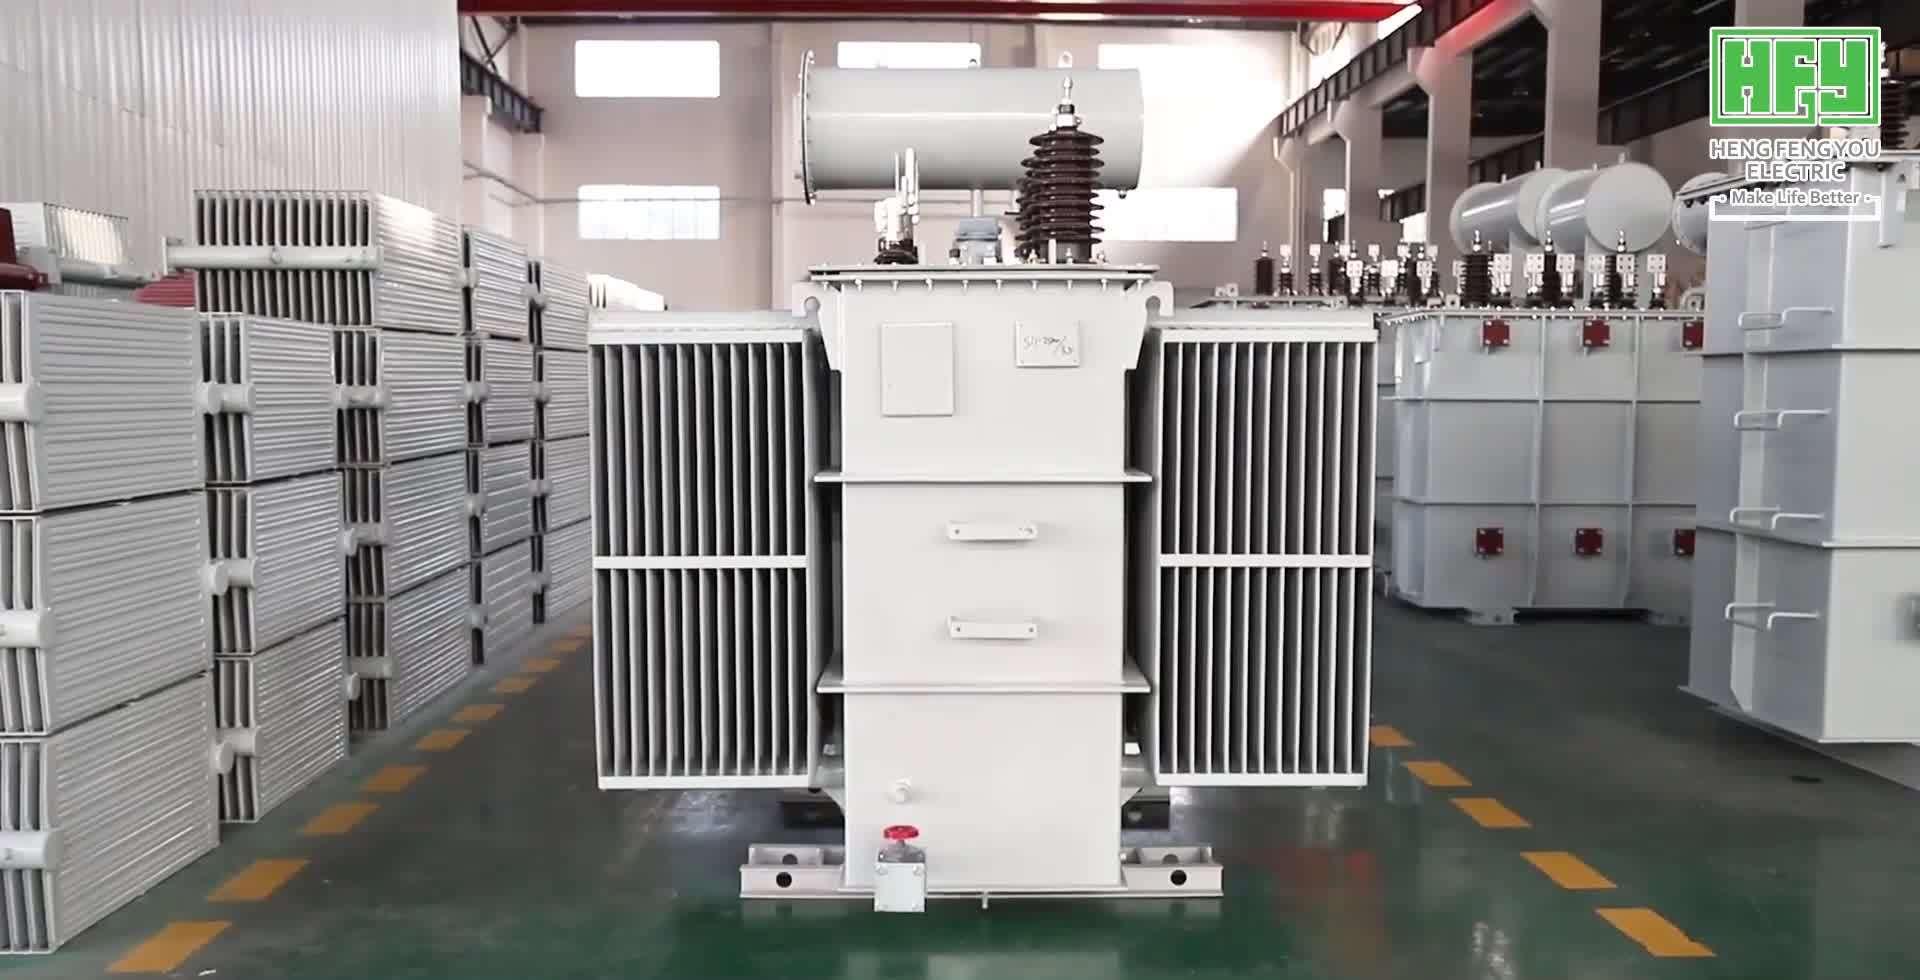 630 kVA 11/0.4 kV tipo di olio trifase a bassa perdita Trasformatore di potenza del trasformatore di distribuzione